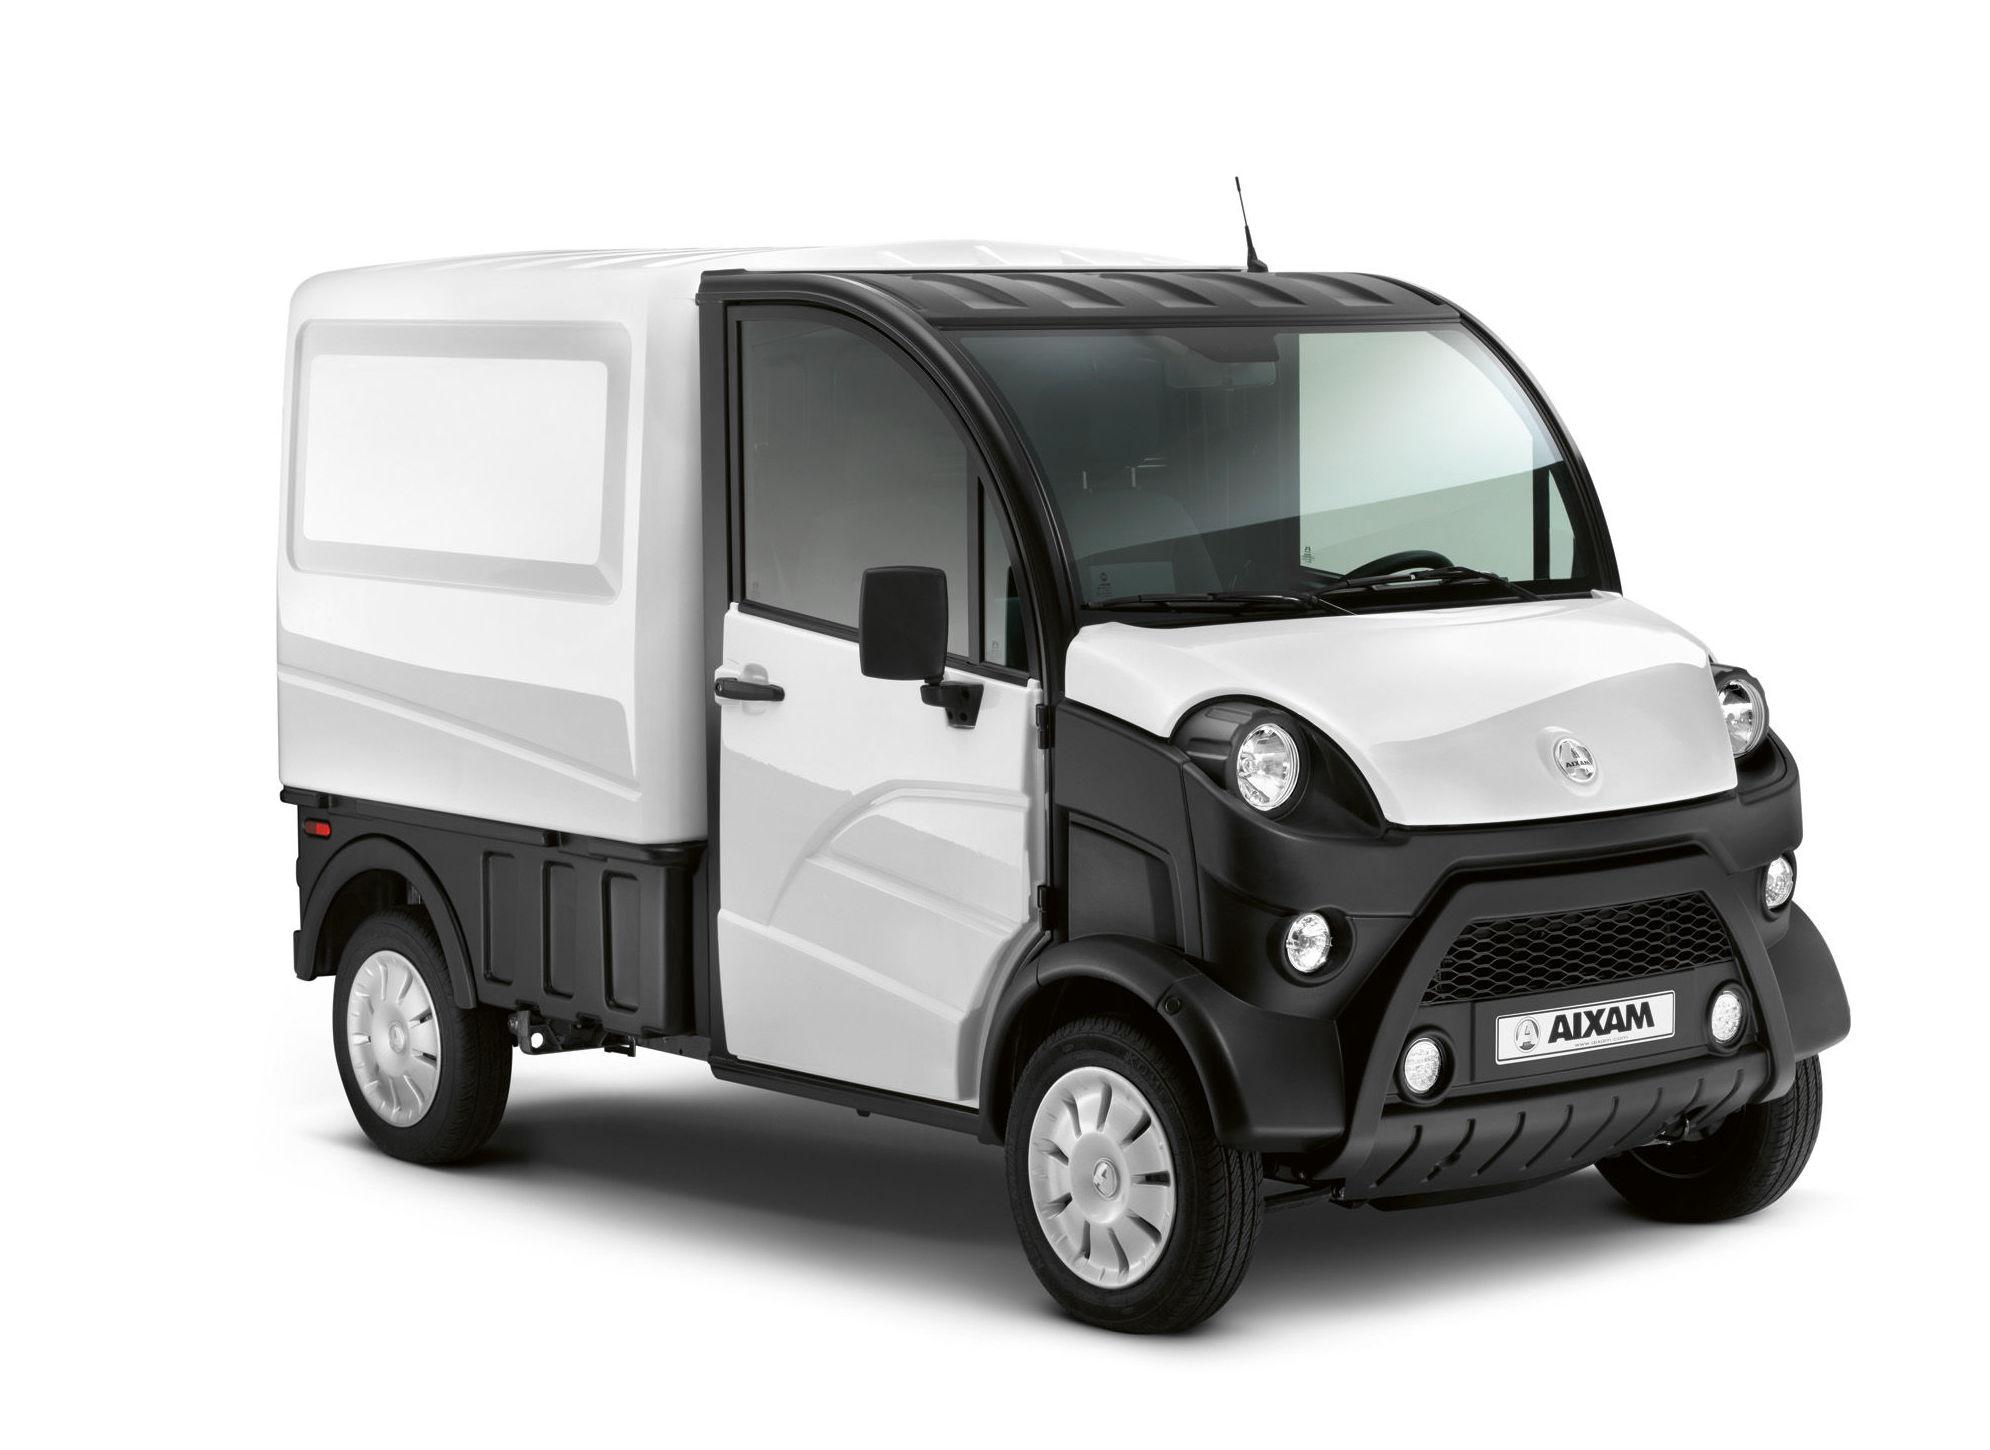 D-TRUCK FURGON: Vehículos y Repuestos de Auto-Solución, S.L.